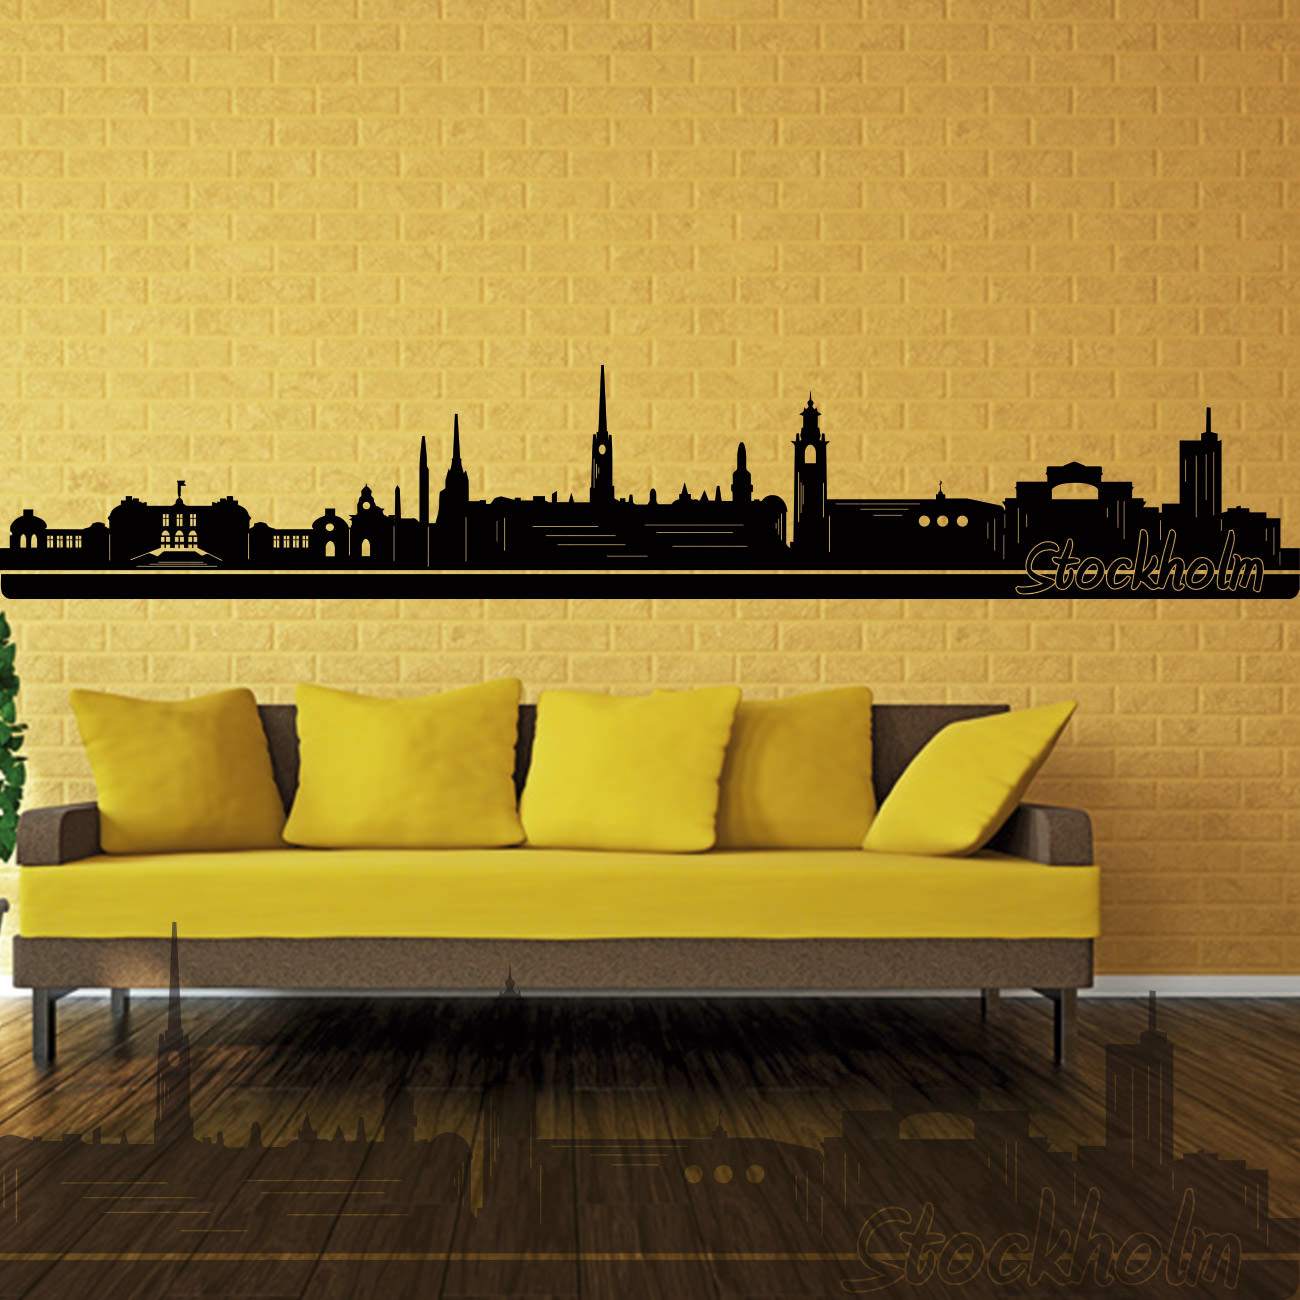 skyline wandtattoo stockholm sunnywall online shop. Black Bedroom Furniture Sets. Home Design Ideas